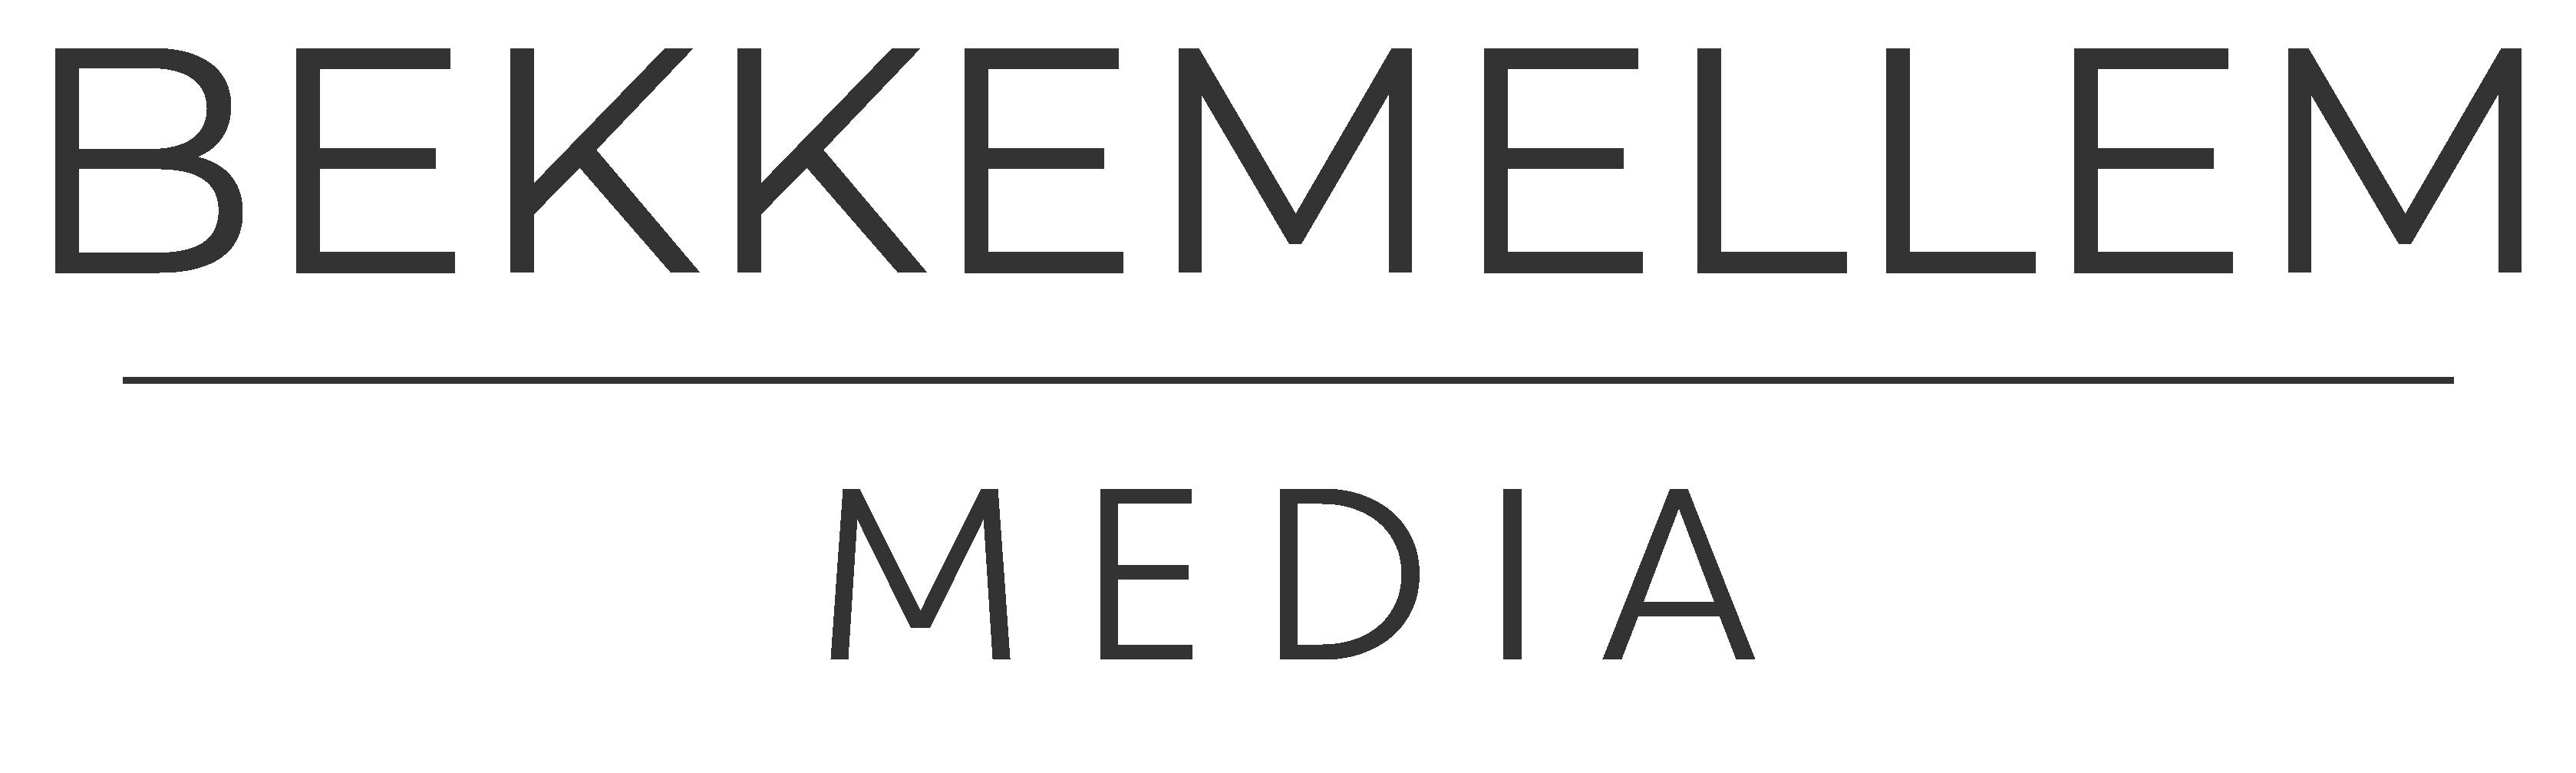 Logo for Bekkemellem media.